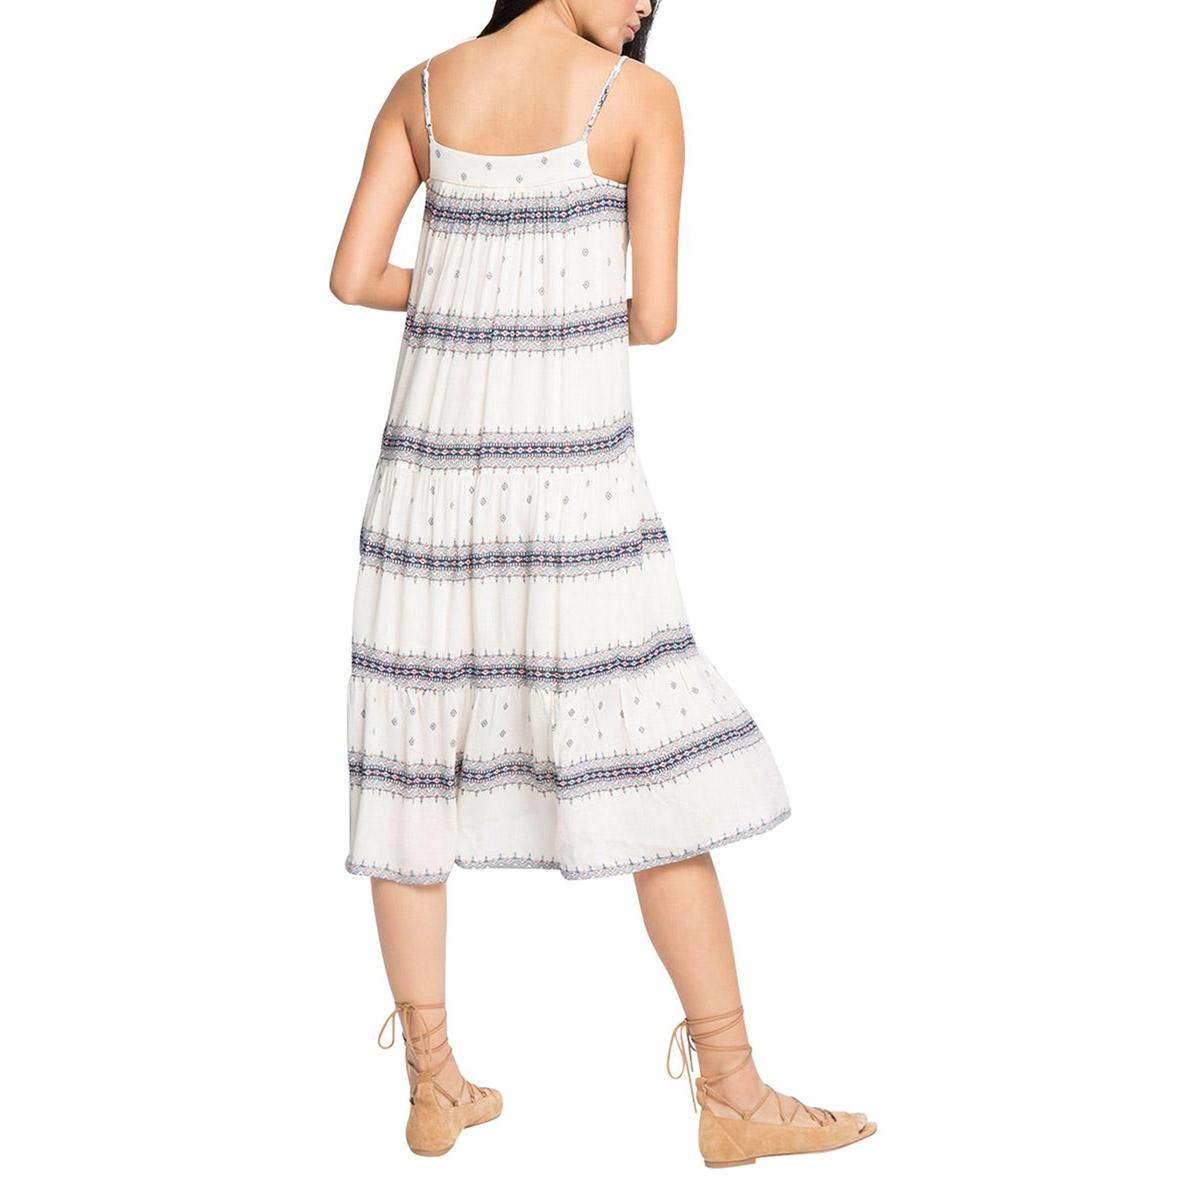 Платье с тонкими бретелямиПлатье, ESPRIT. Тонкие бретели. Небольшие этнические рисунки и горизонтальные полосы. Характеристики и описание   Материал      100% вискозы   Марка      ESPRIT<br><br>Цвет: экрю/рисунок